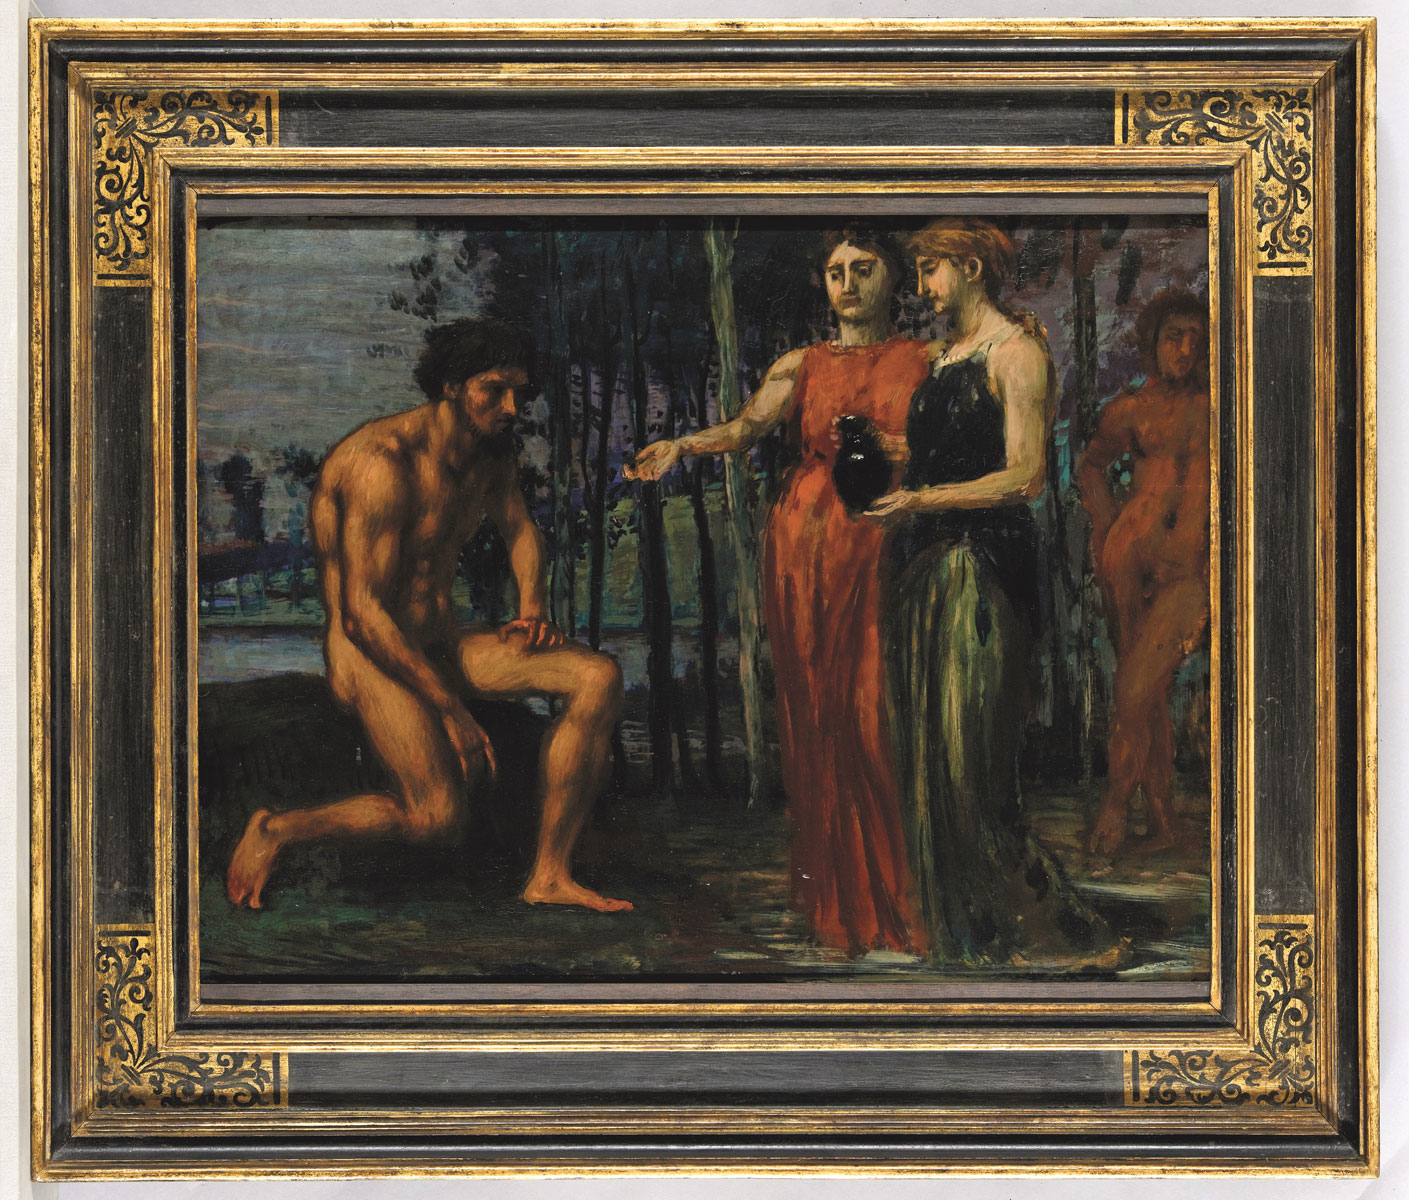 Hans von Marées, Die Labung, 64 x 85 cm, 1880; © Museum Wiesbaden